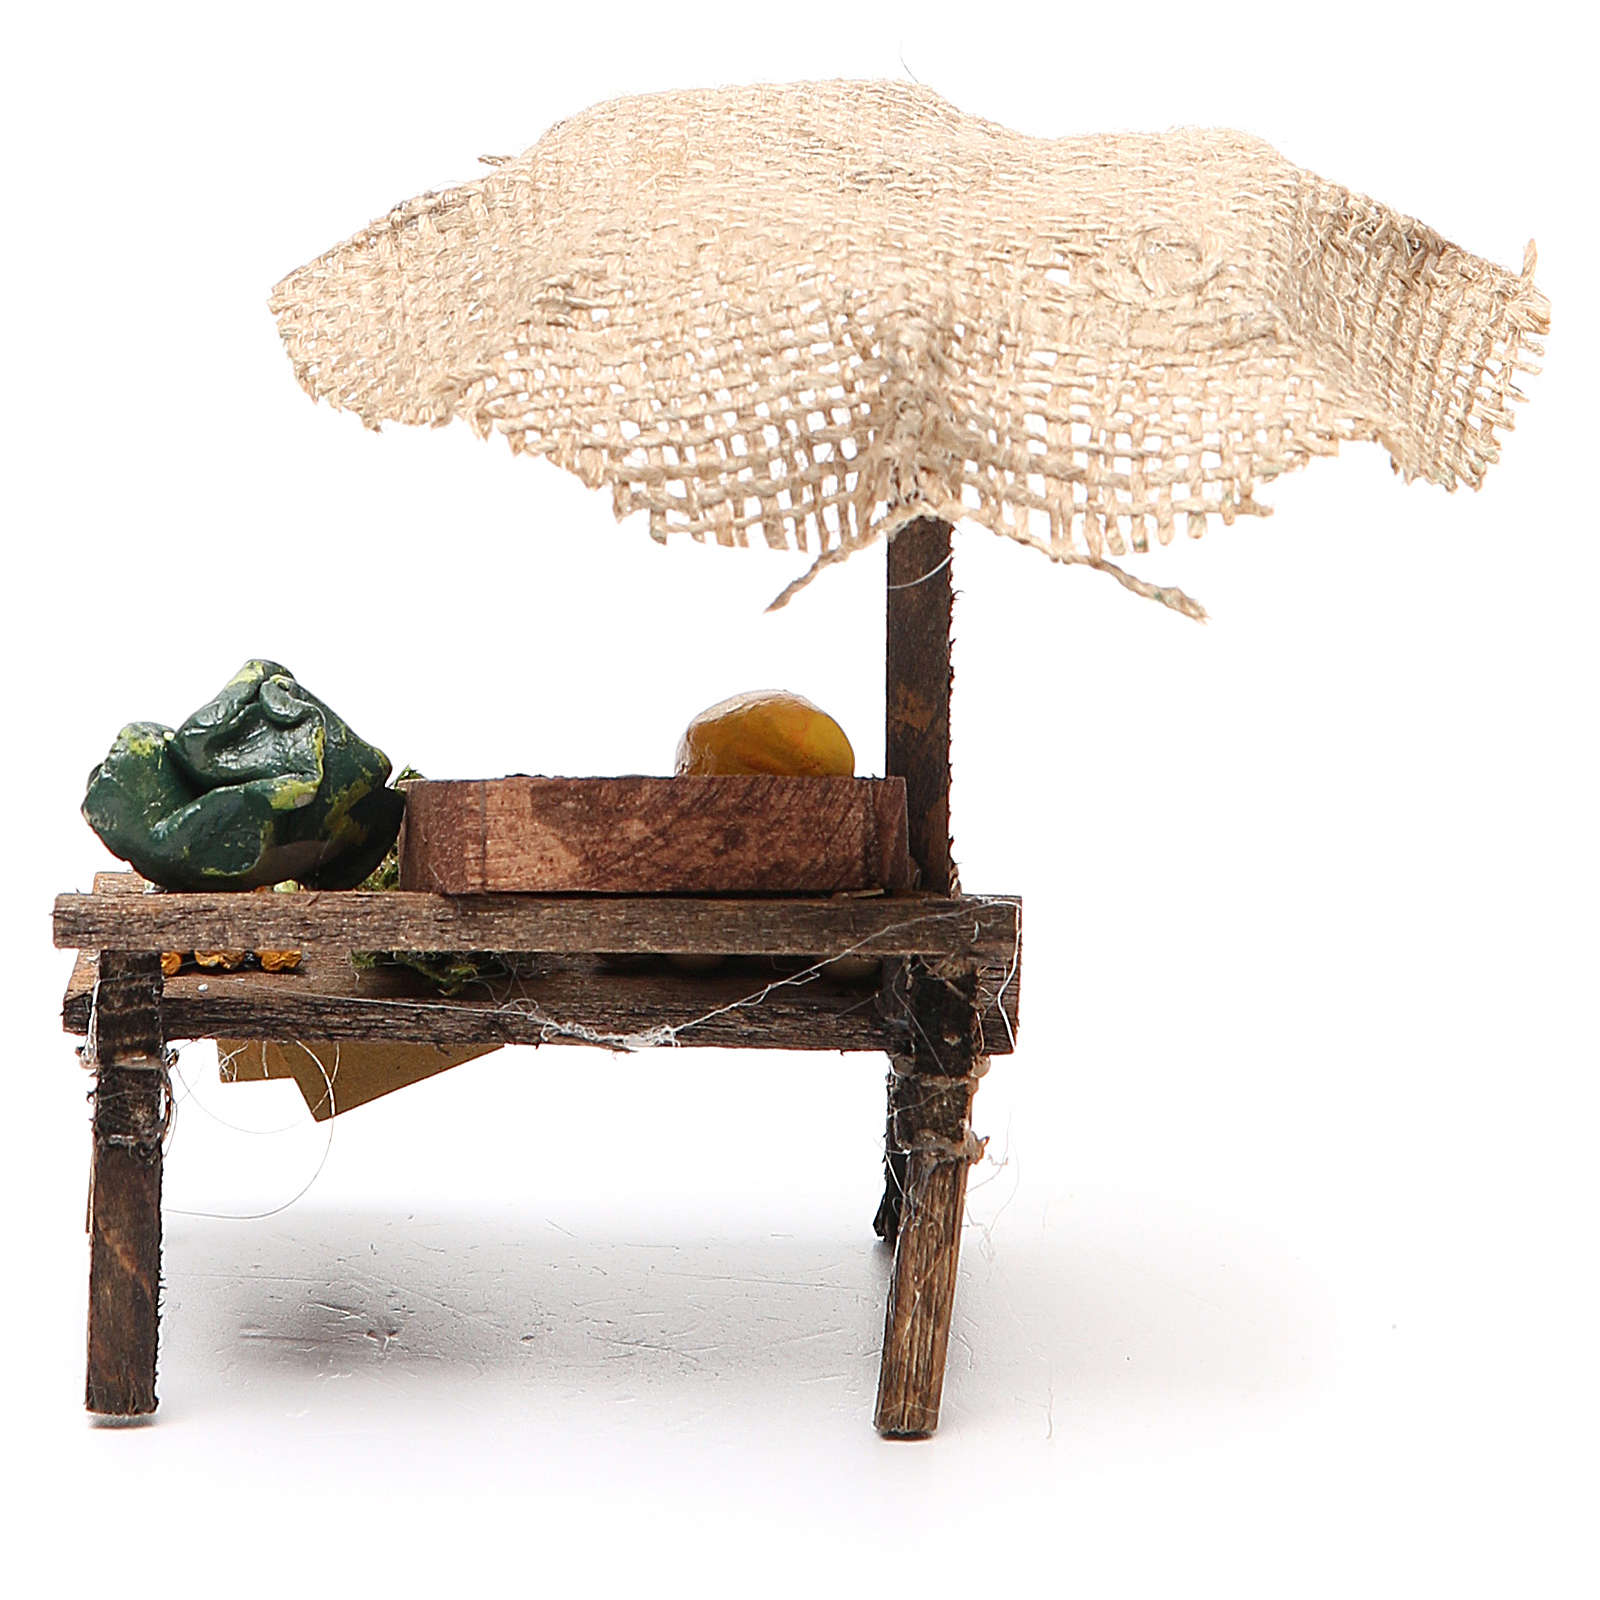 Puesto de mercado para belén con sombrilla y verduras  12x10x12 cm 4